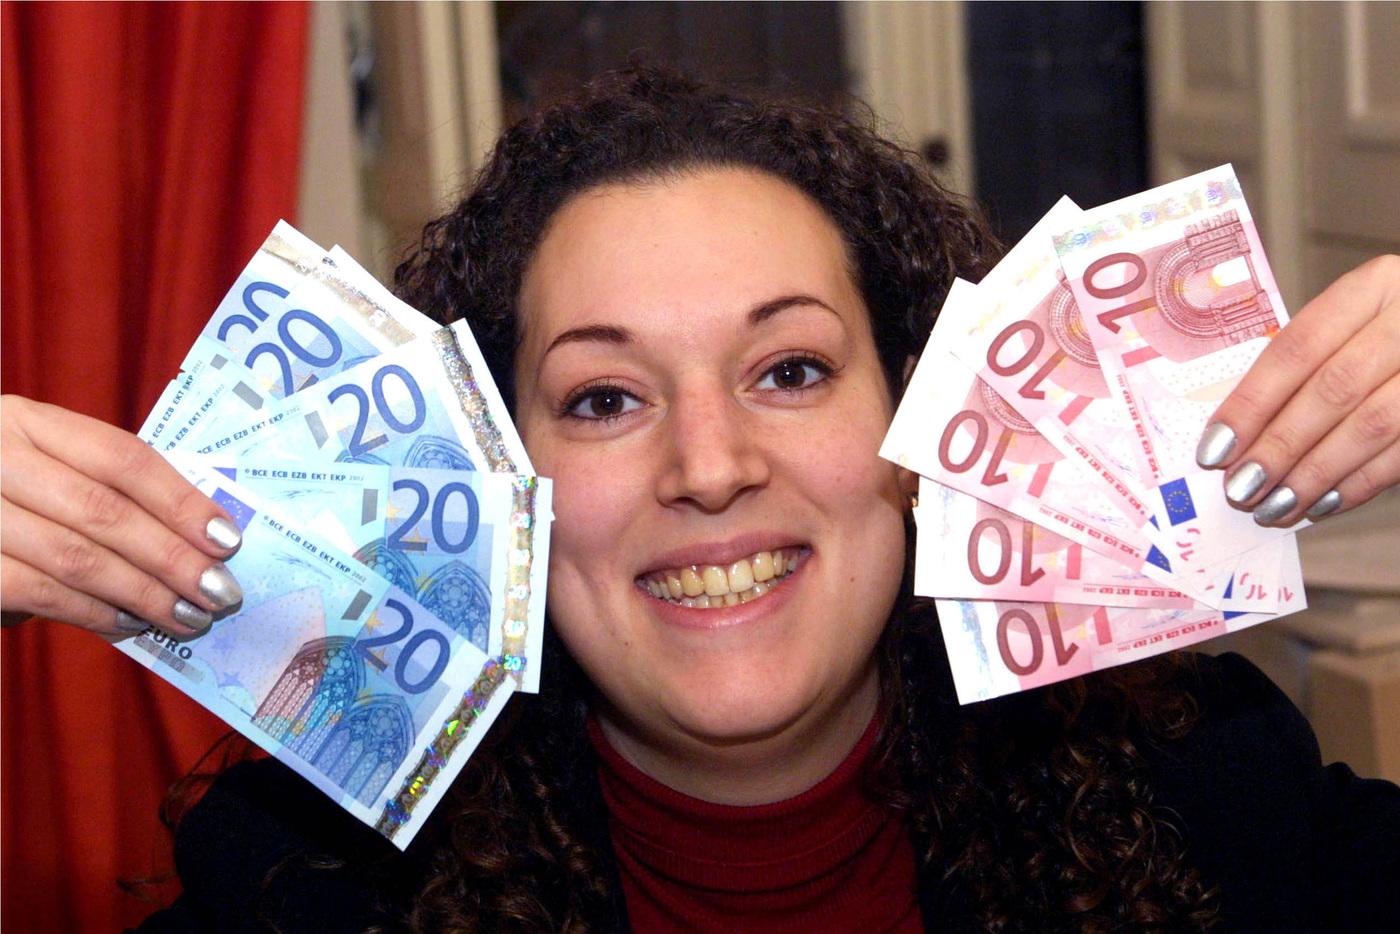 Ecco quando arrivano i soldi di cassa integrazione in deroga e bonus 600 euro